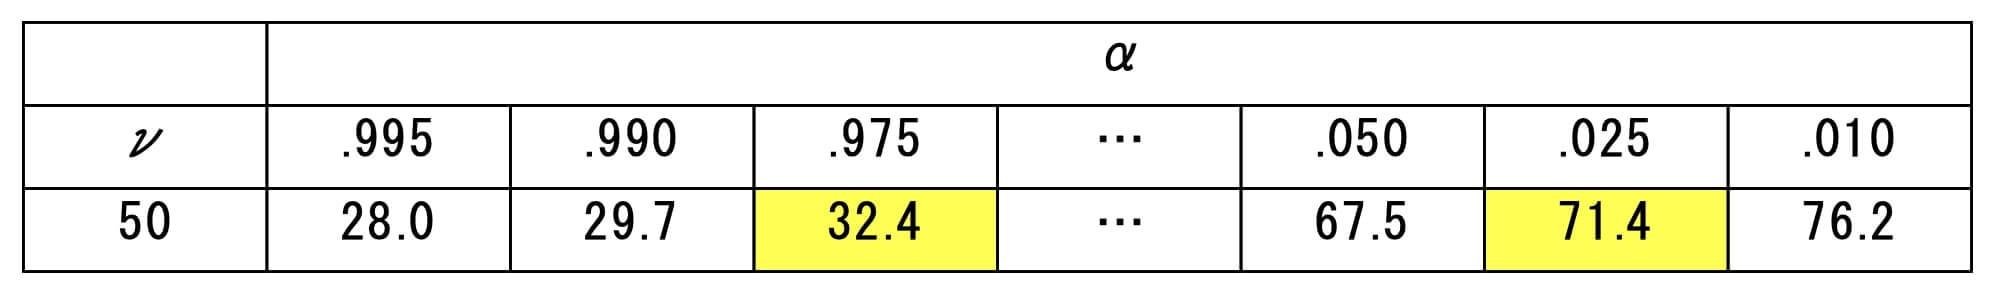 自由度50のχ2値をχ2分布表から抜粋した表